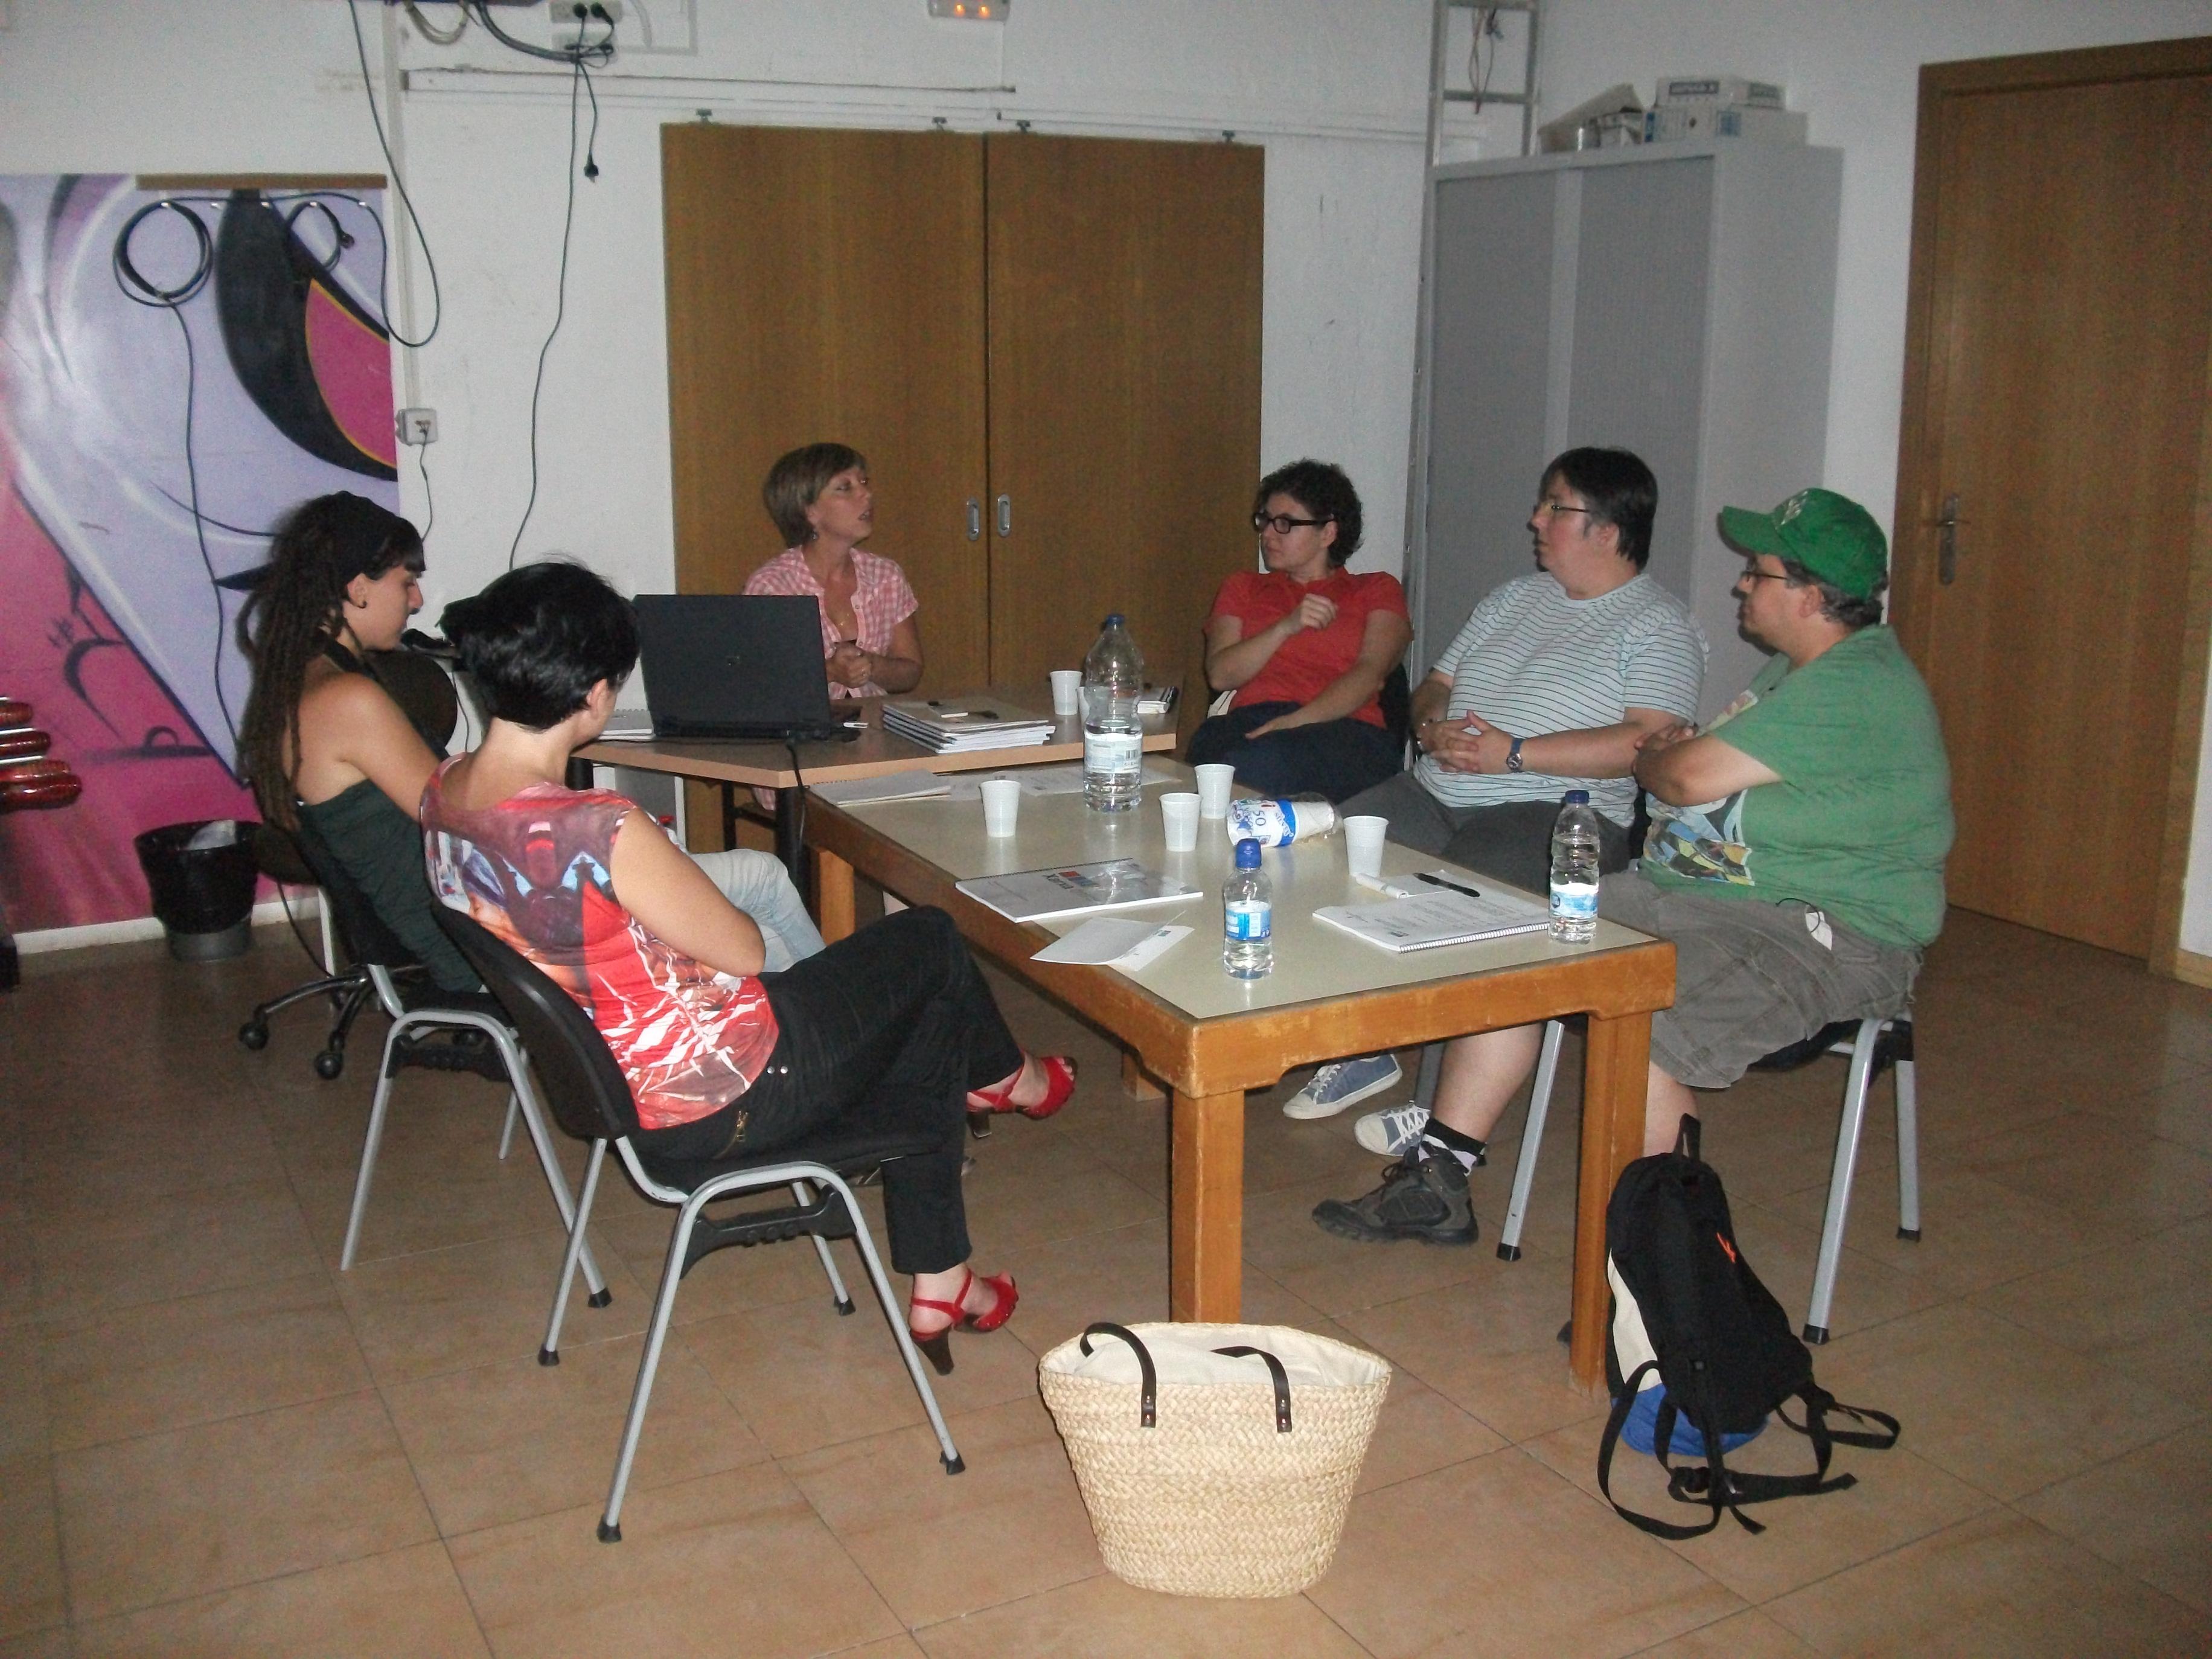 foto desenvolupament quarta edició formació incial òmnia 2012